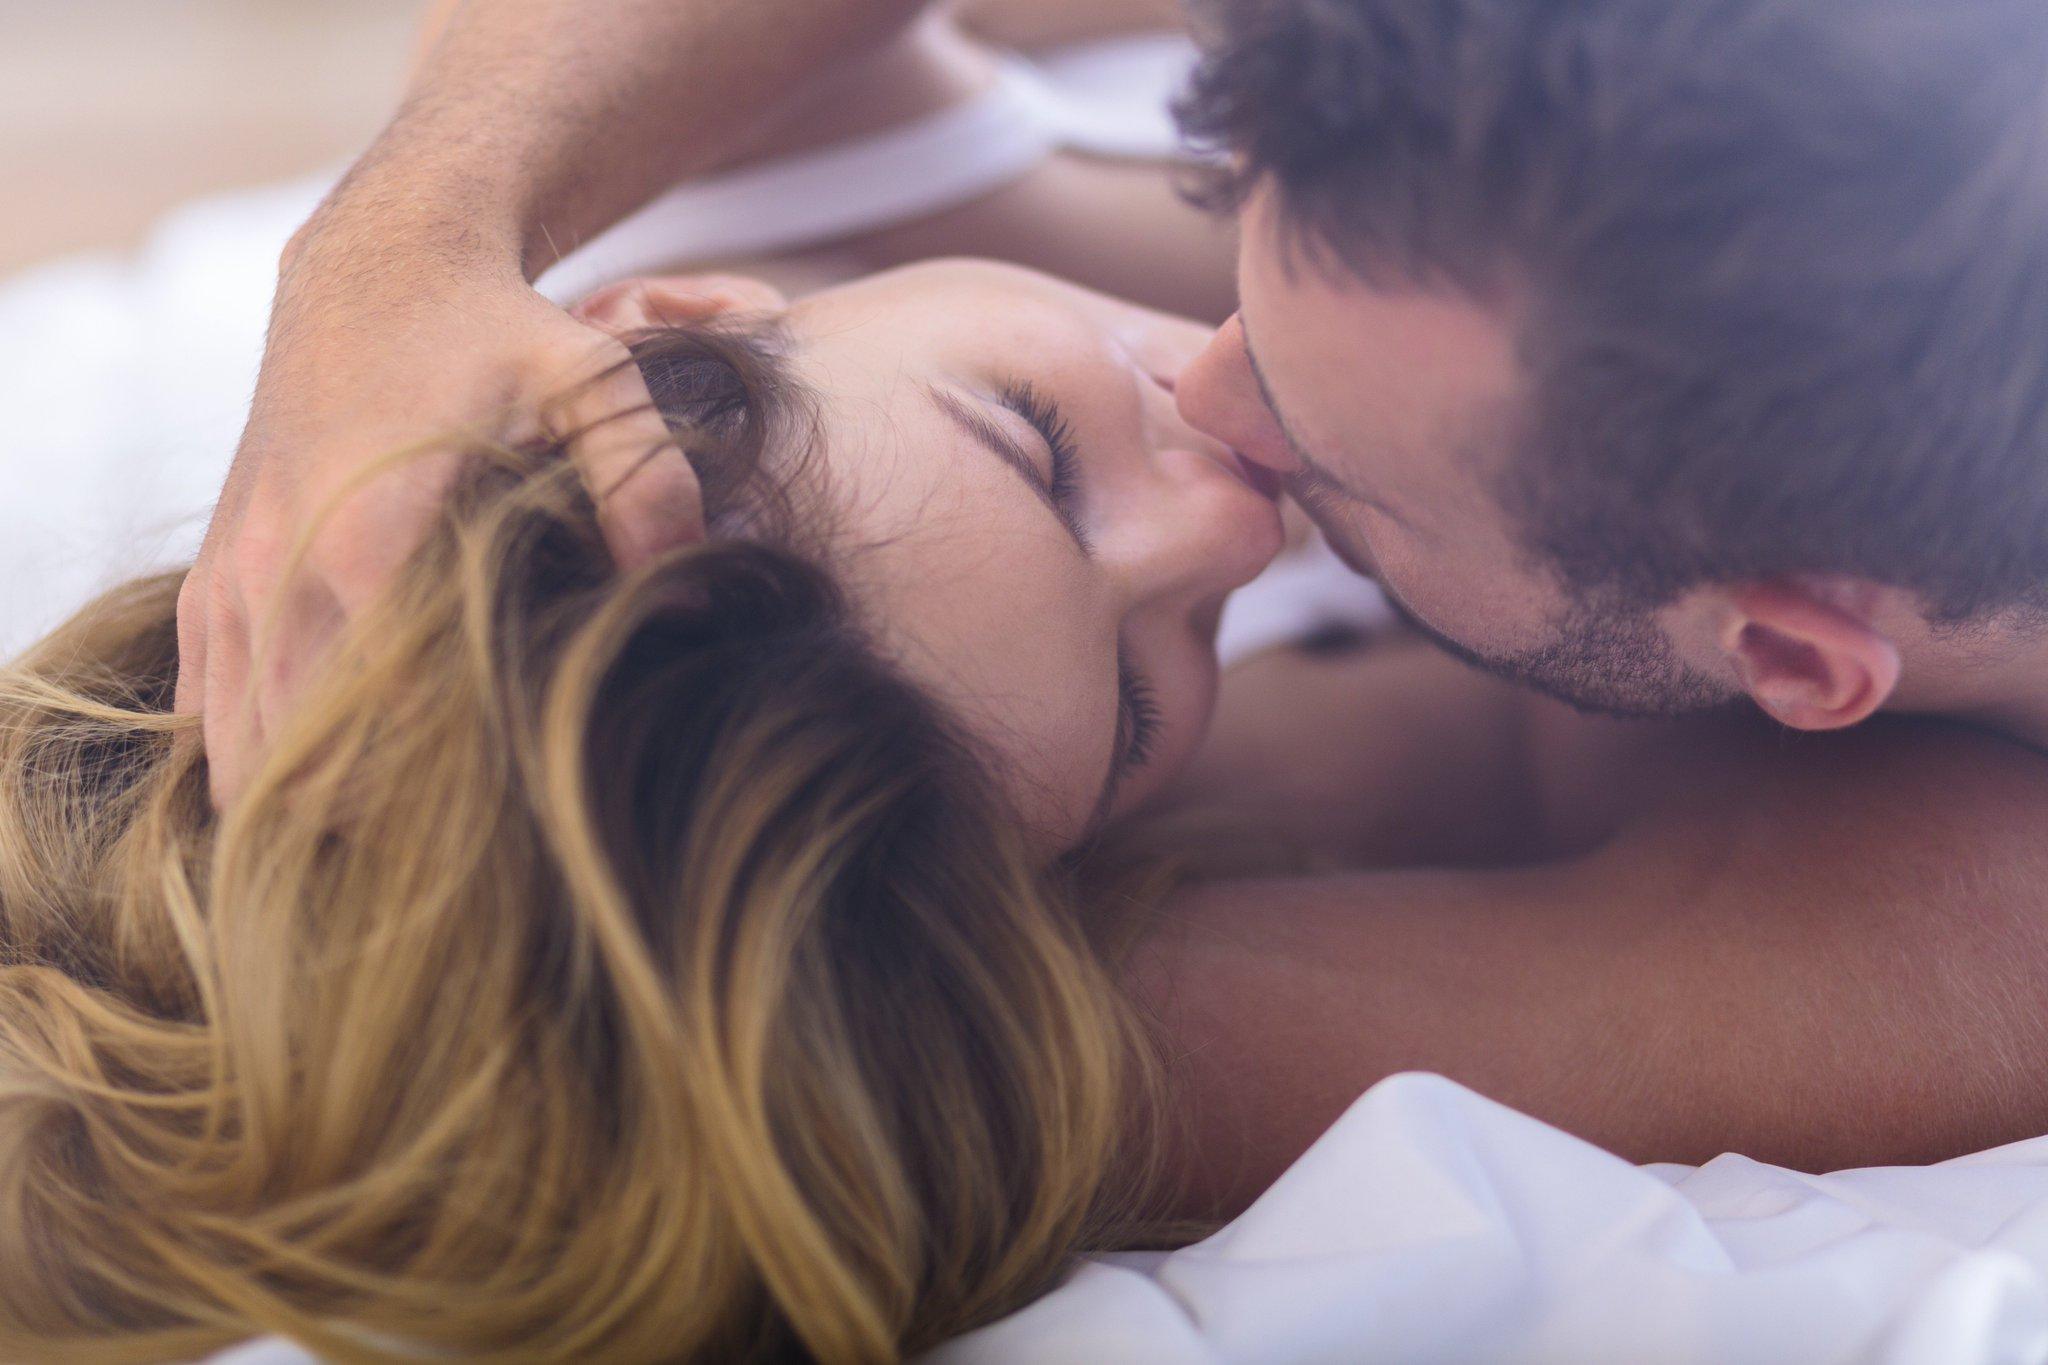 потом они фото девушка целует девушку в постель видео баба волосатой